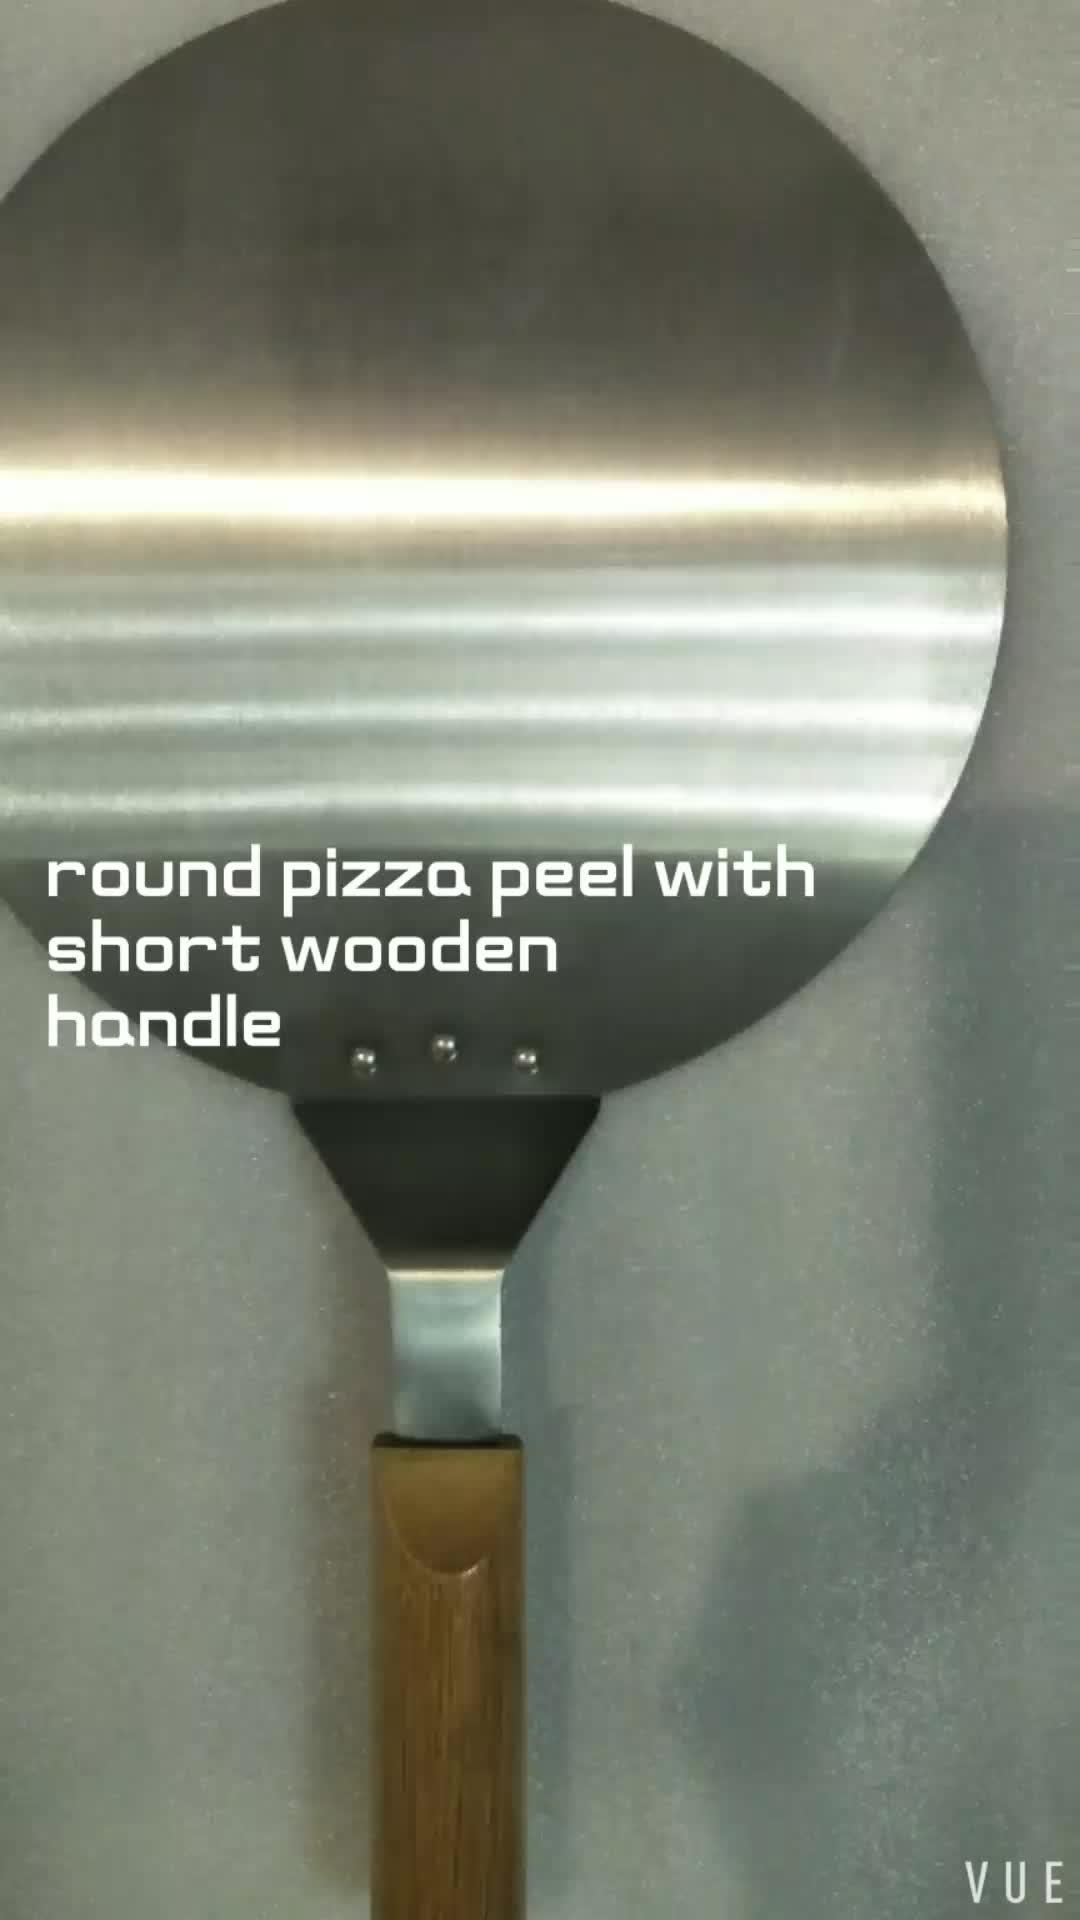 प्रयोग करने में आसान के साथ दौर एल्यूमीनियम रंग तय लघु रबर लकड़ी पिज्जा छील